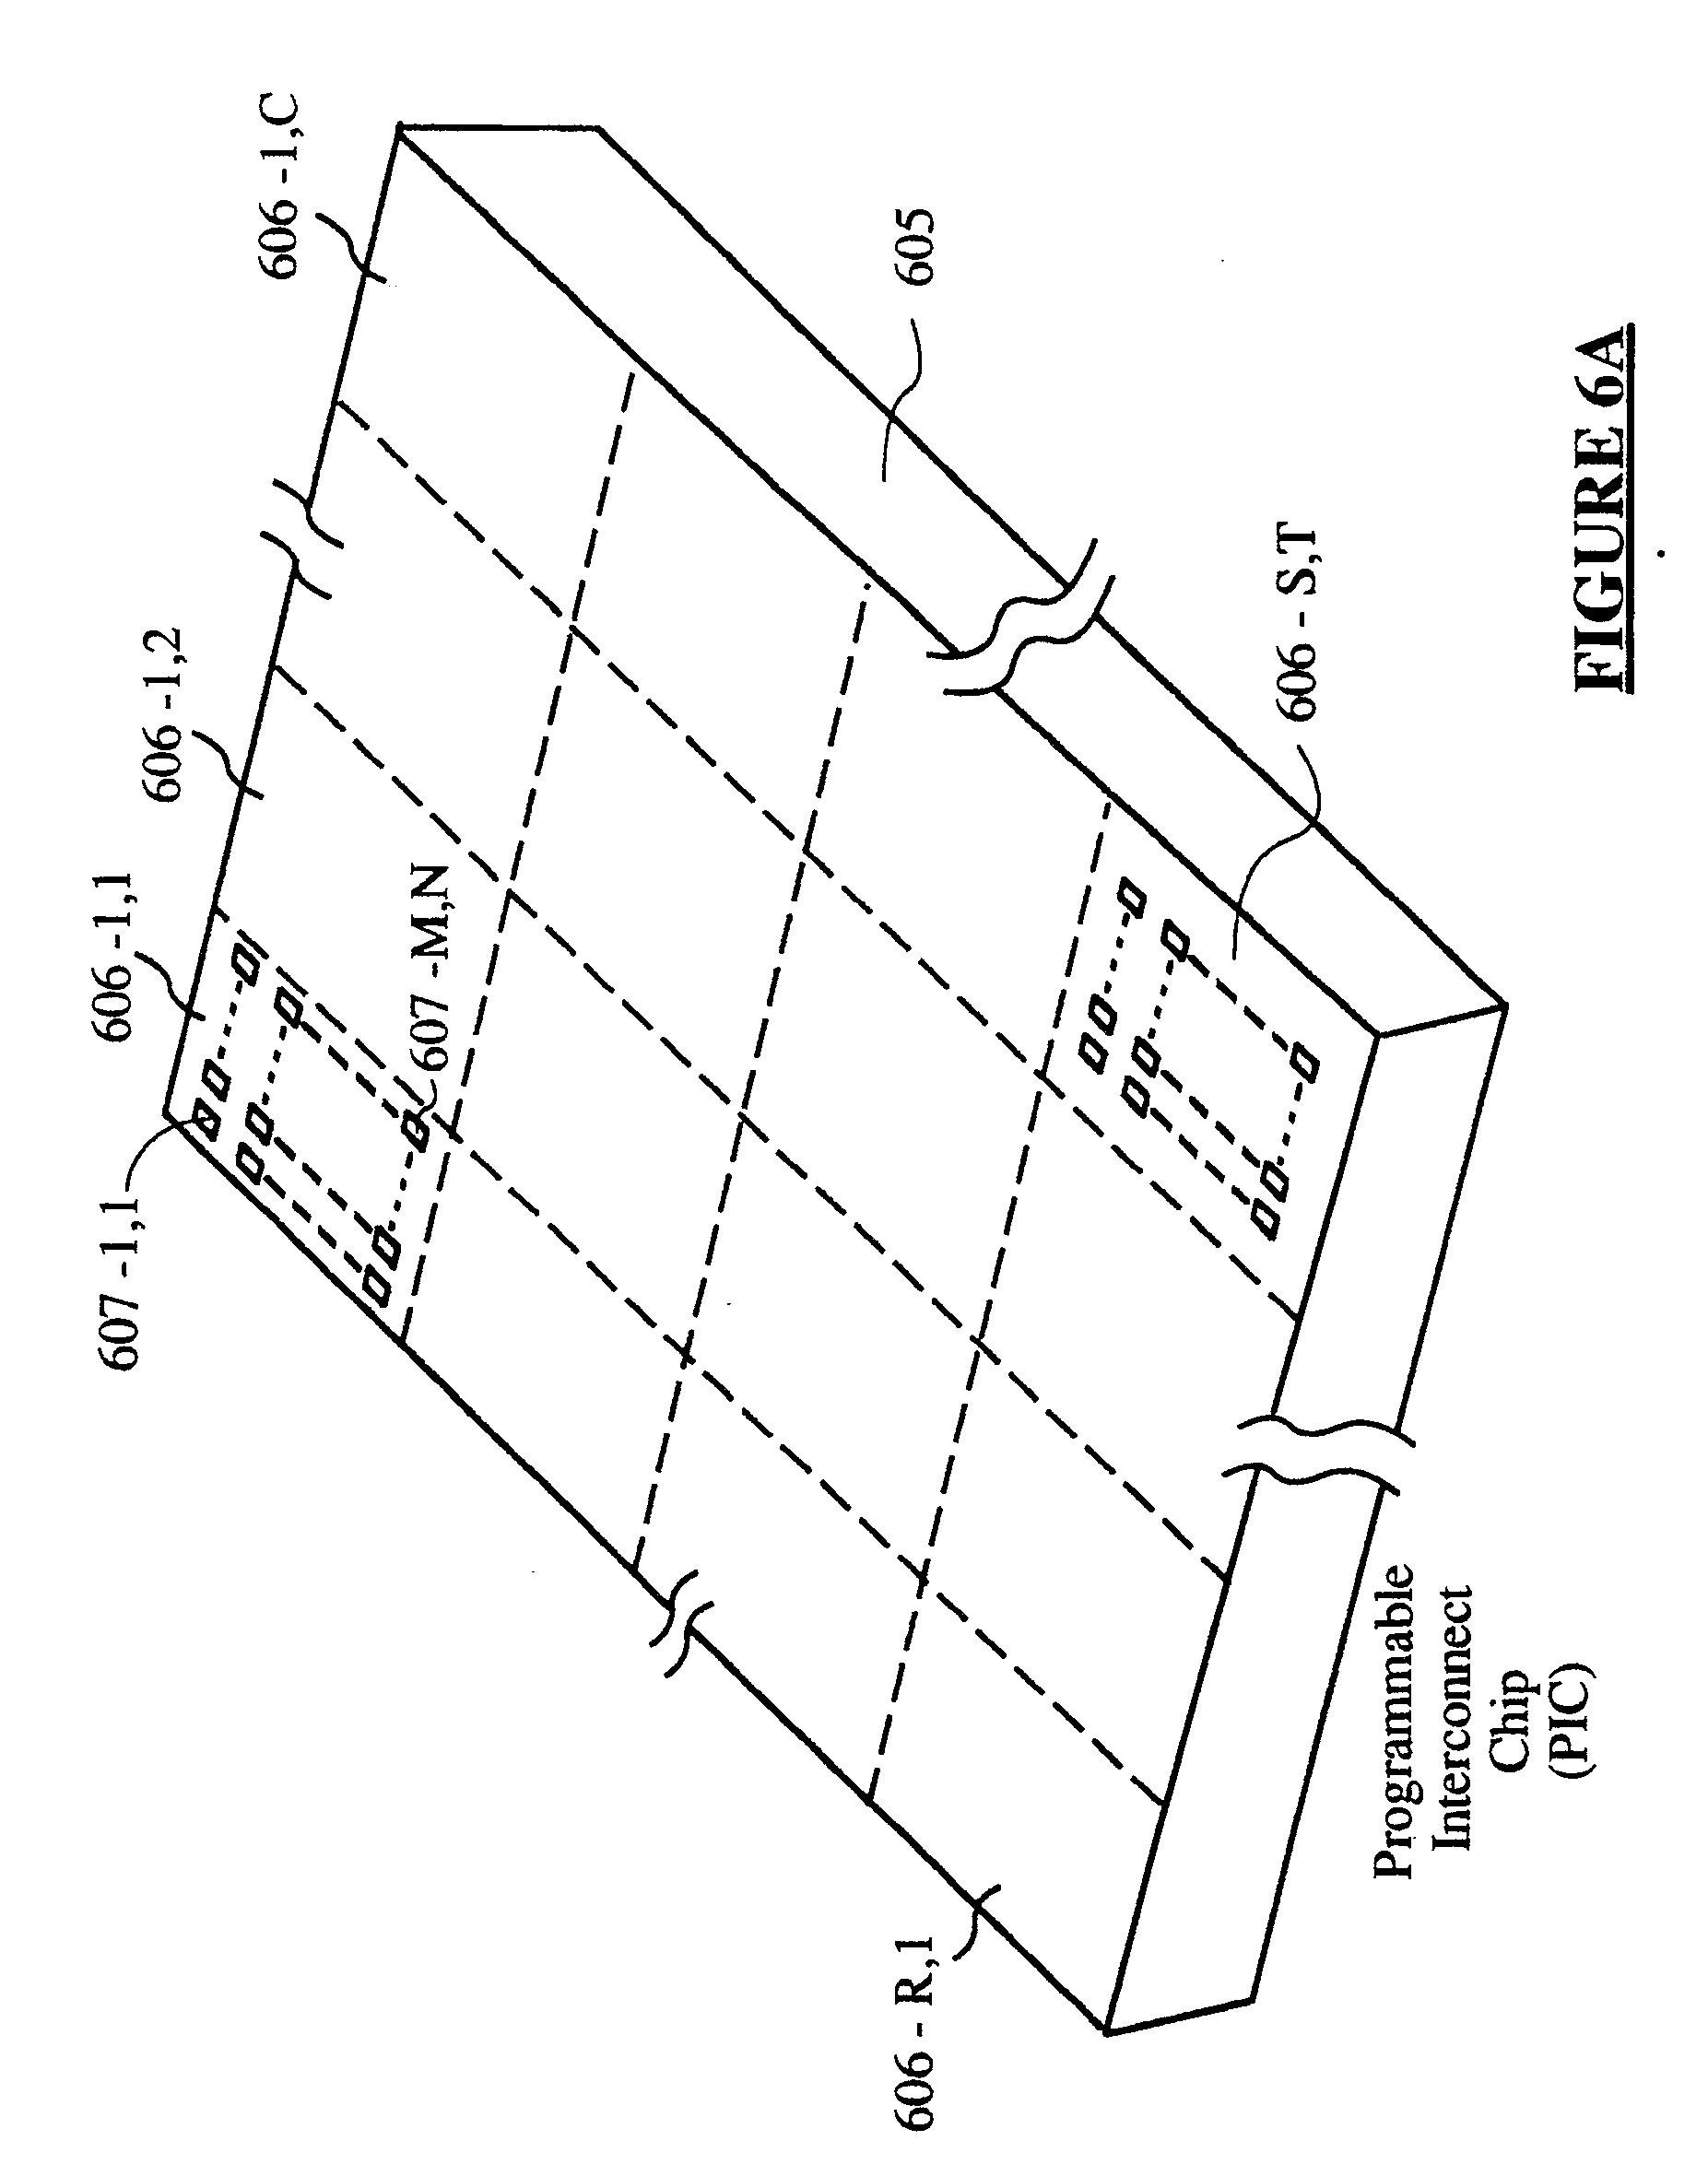 brevet ep0419232a2